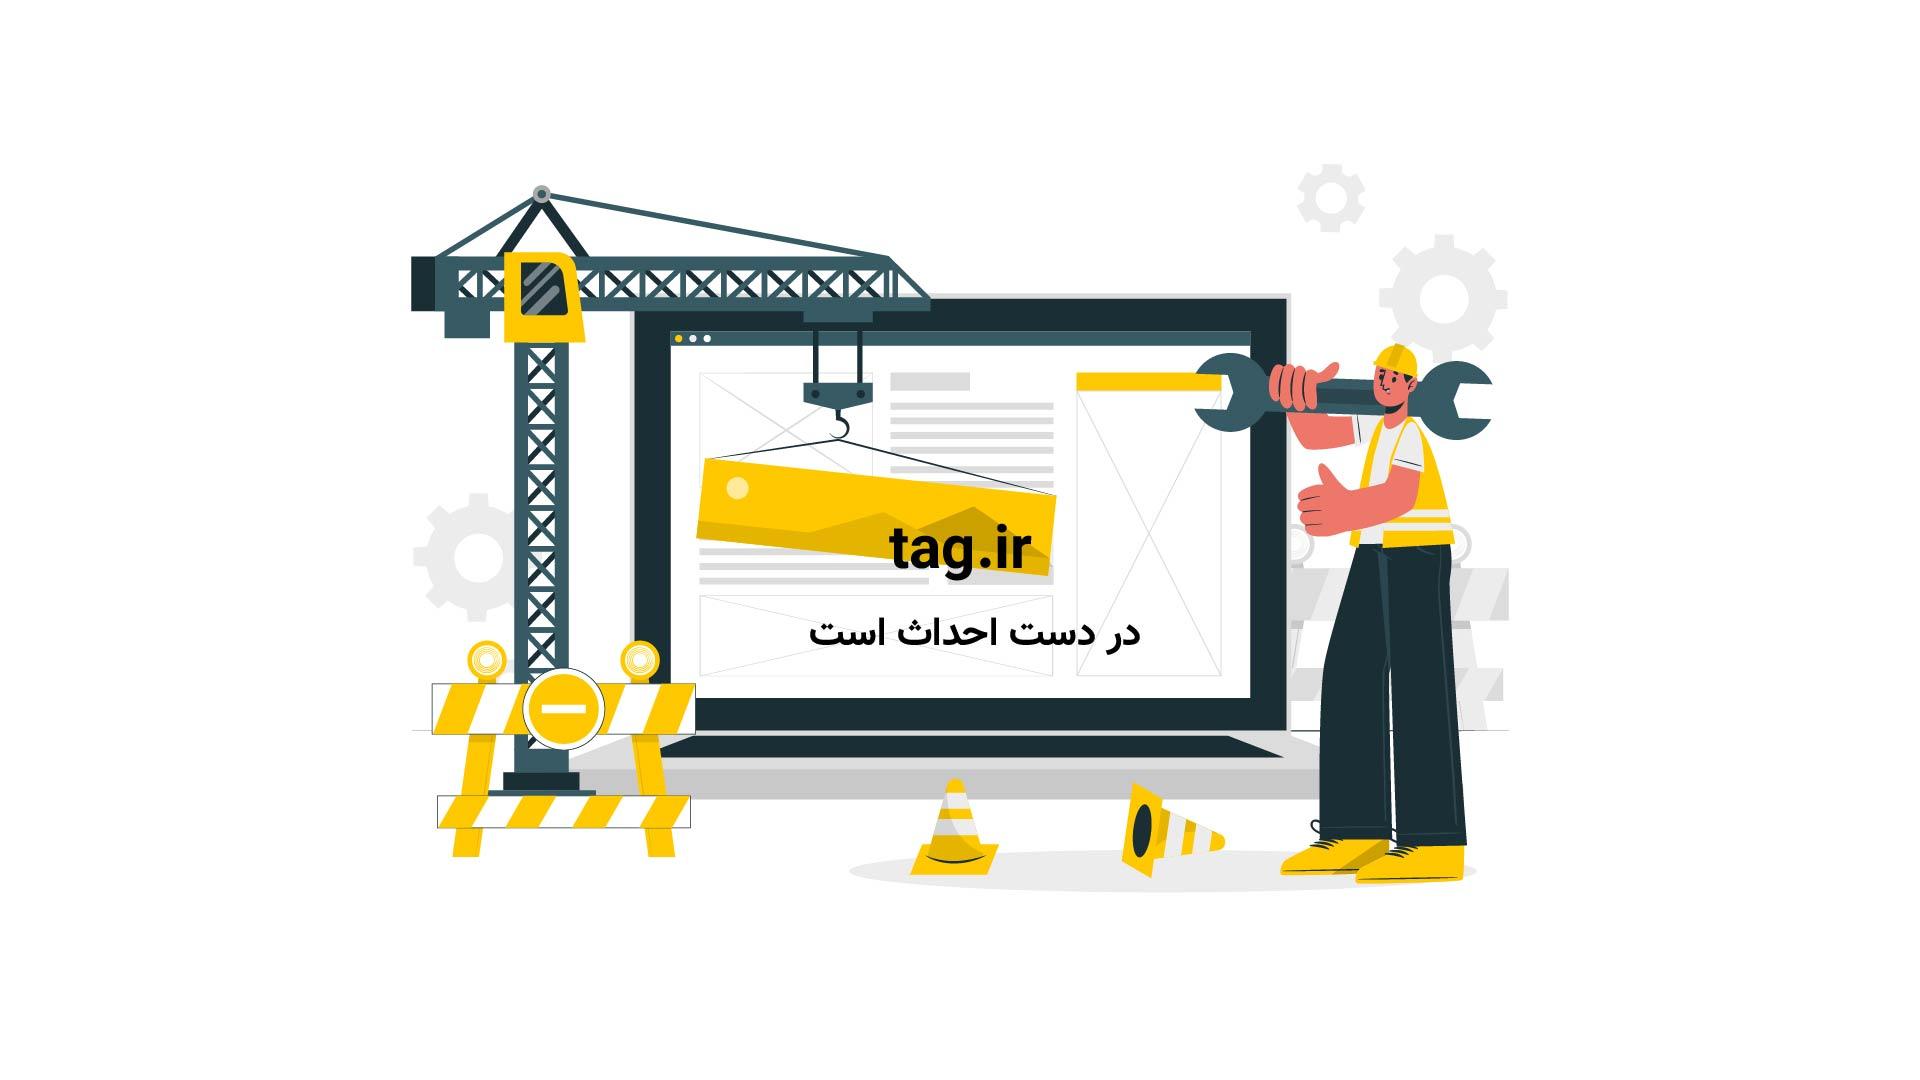 موتورسیکلتی که هیچگاه زمین نمی خورد | فیلم